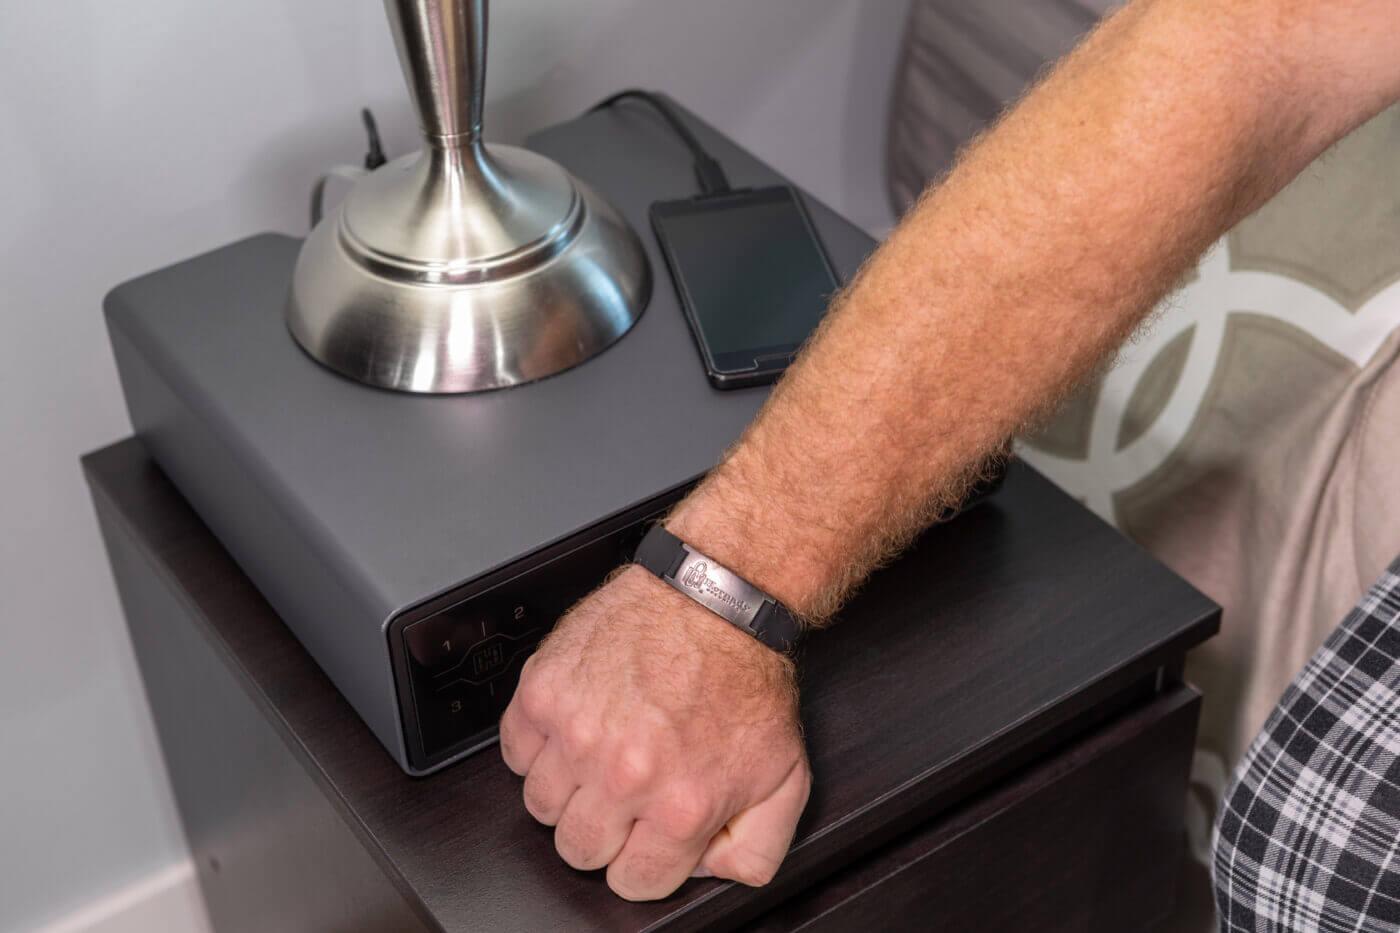 RFID band opening gun safe